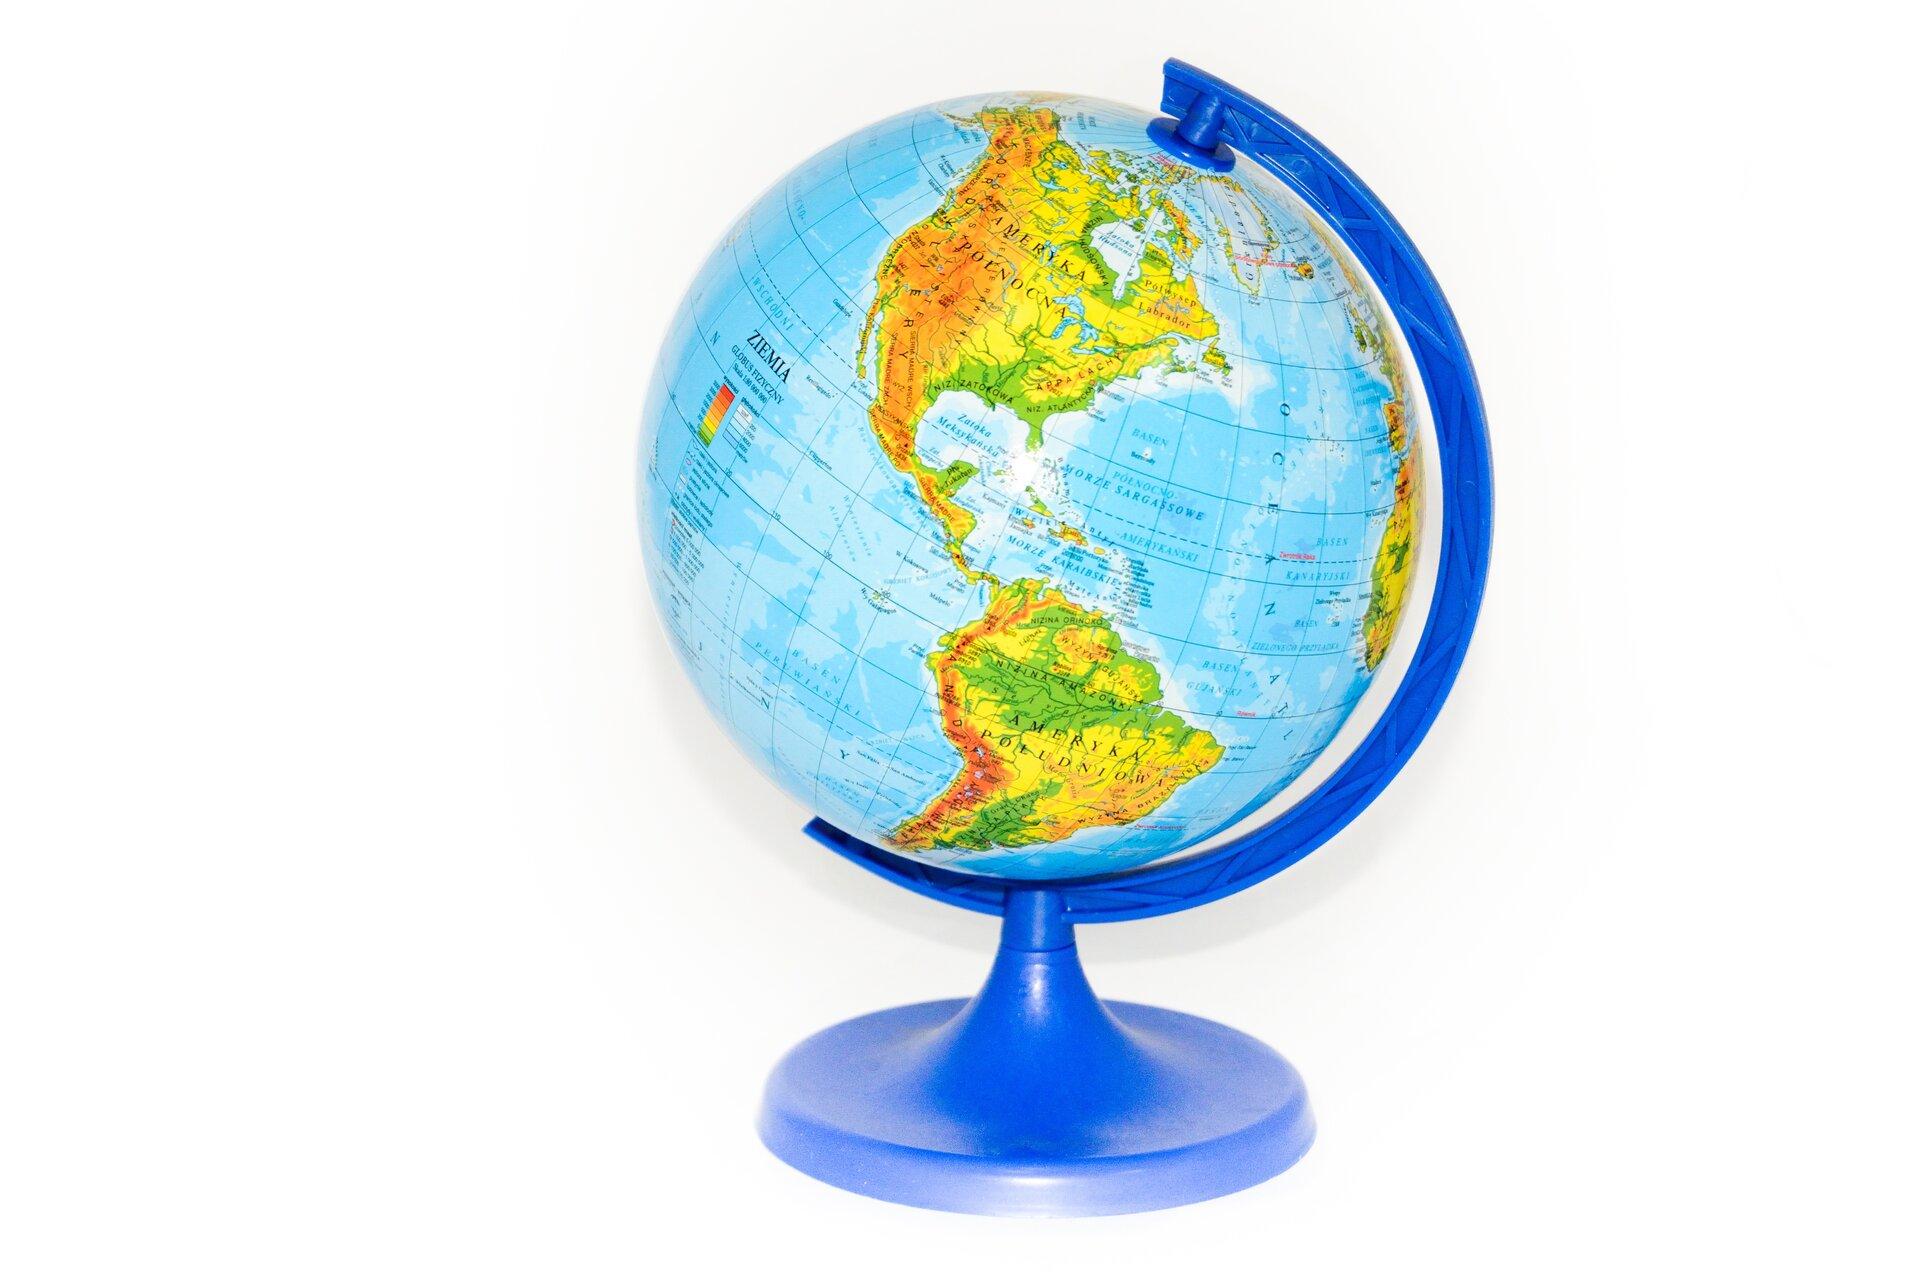 Fotografia prezentuje model Ziemi – globus. Na powierzchni globusa widoczne żółto- brązowo-zielone kontynenty otoczone niebieskimi wodami. Globus stoi na niebieskiej podstawce.